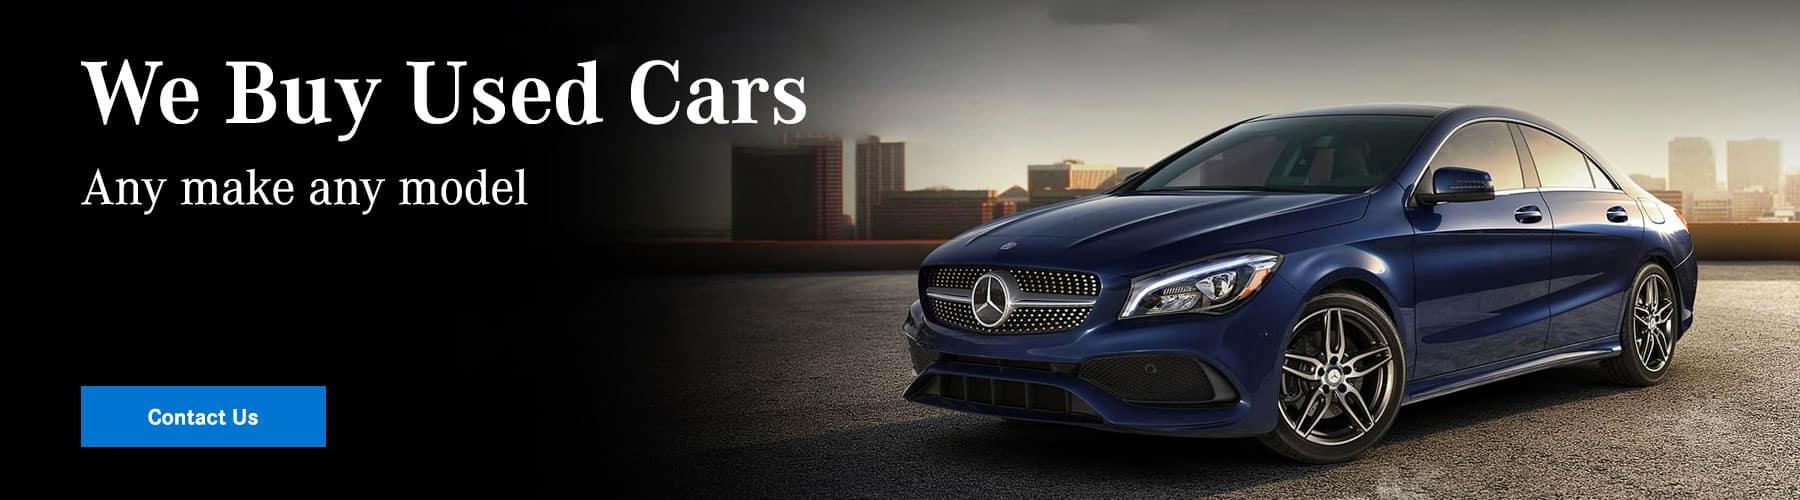 We-Buy-Used-Car-Slide-1